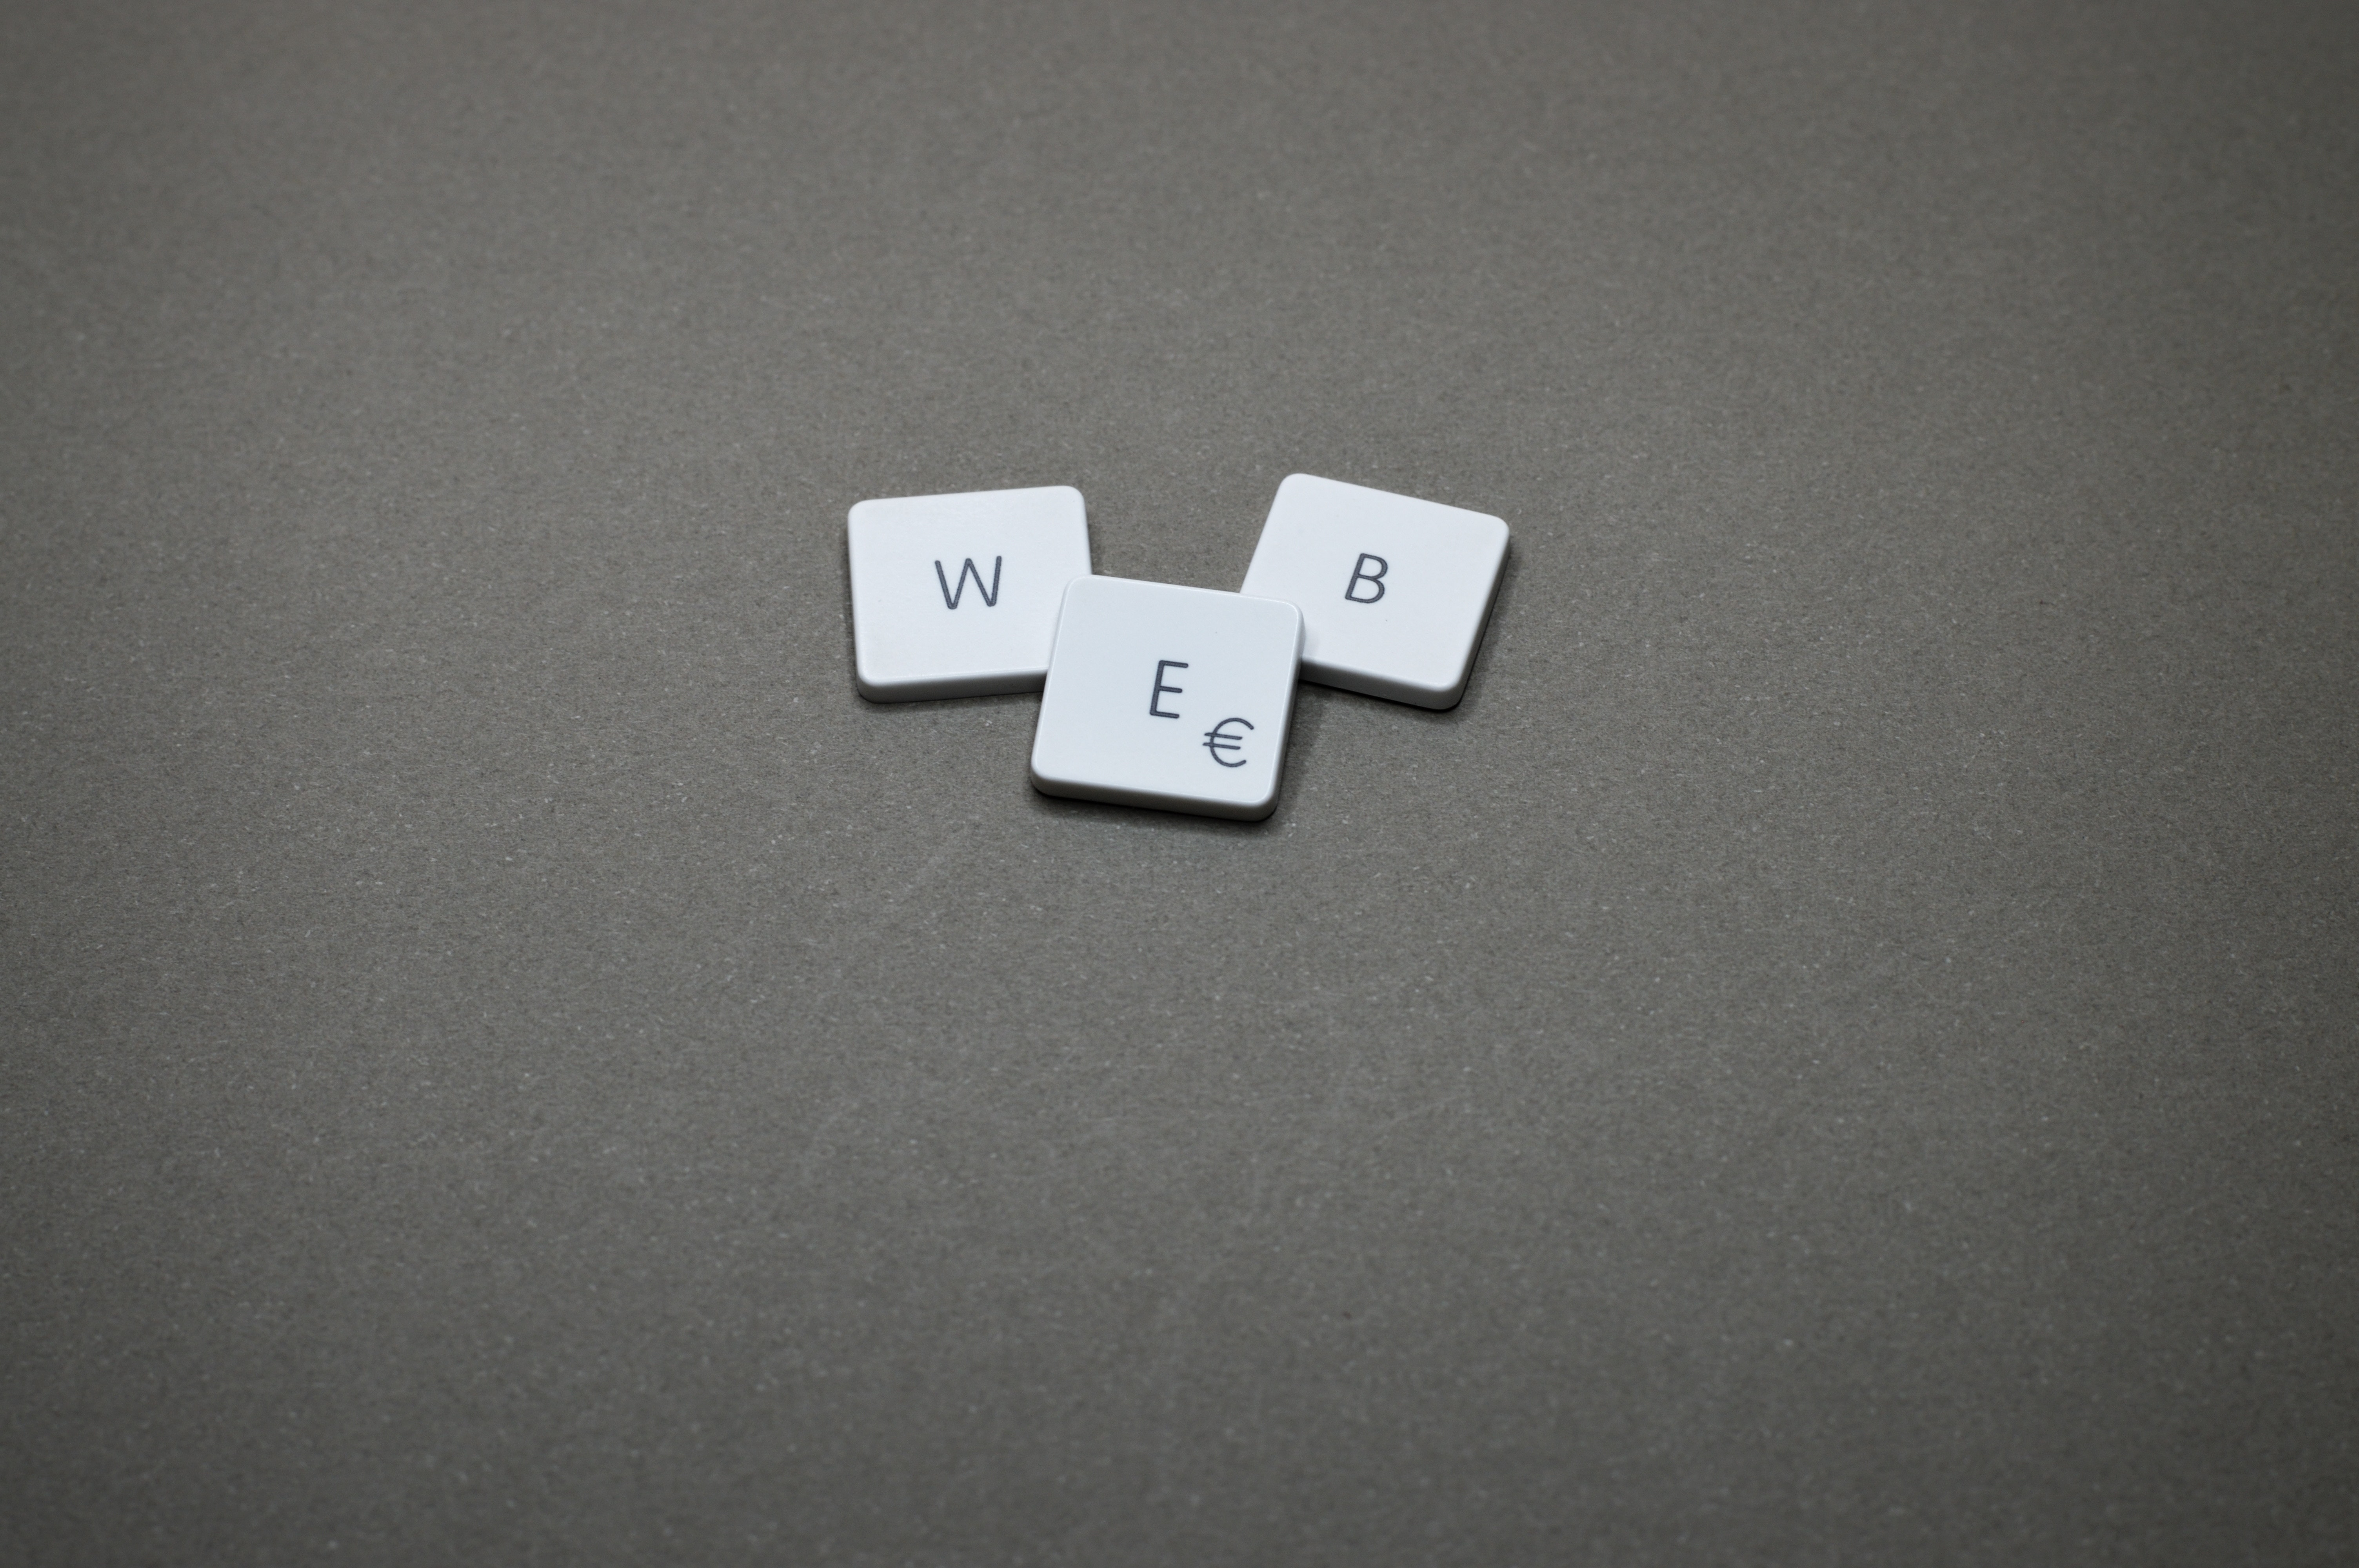 web-text-1591060